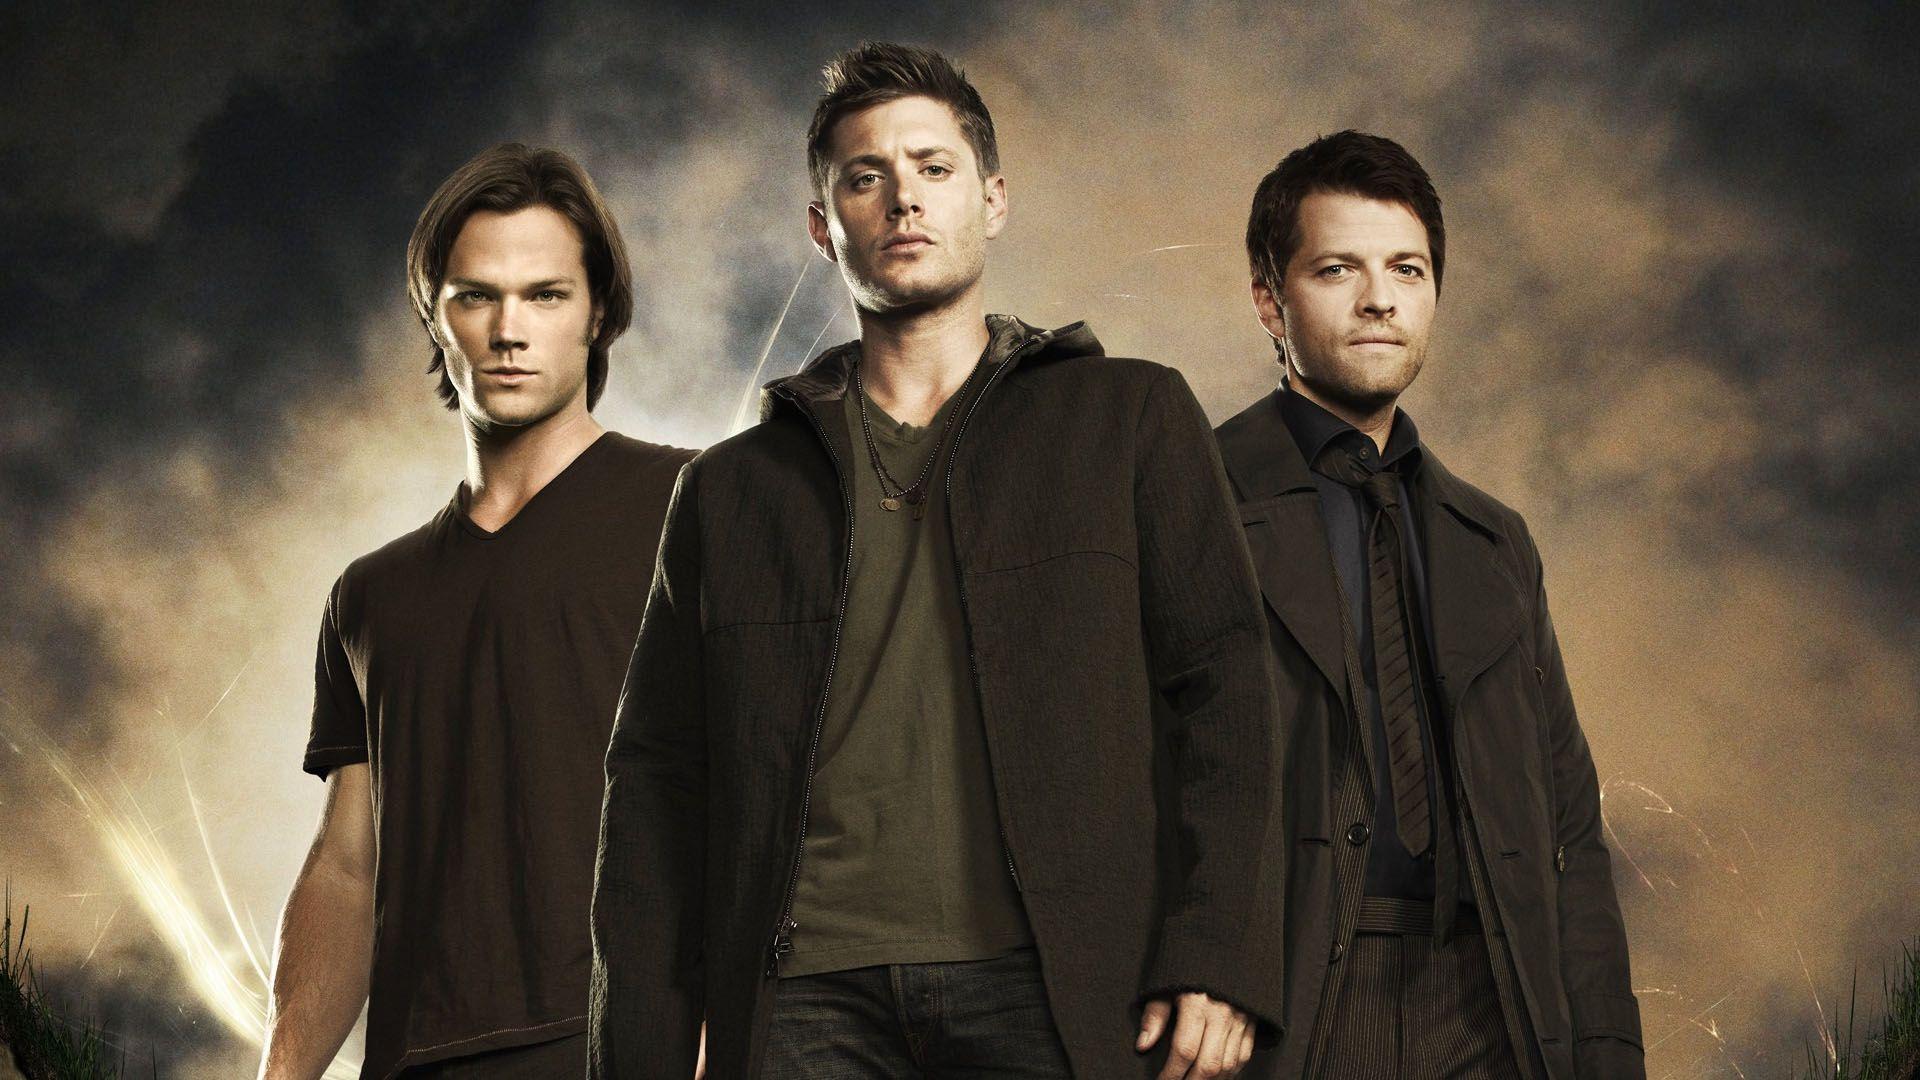 supernatural season 13 episodes, spoilers, trailer, release dateSupernatural #5